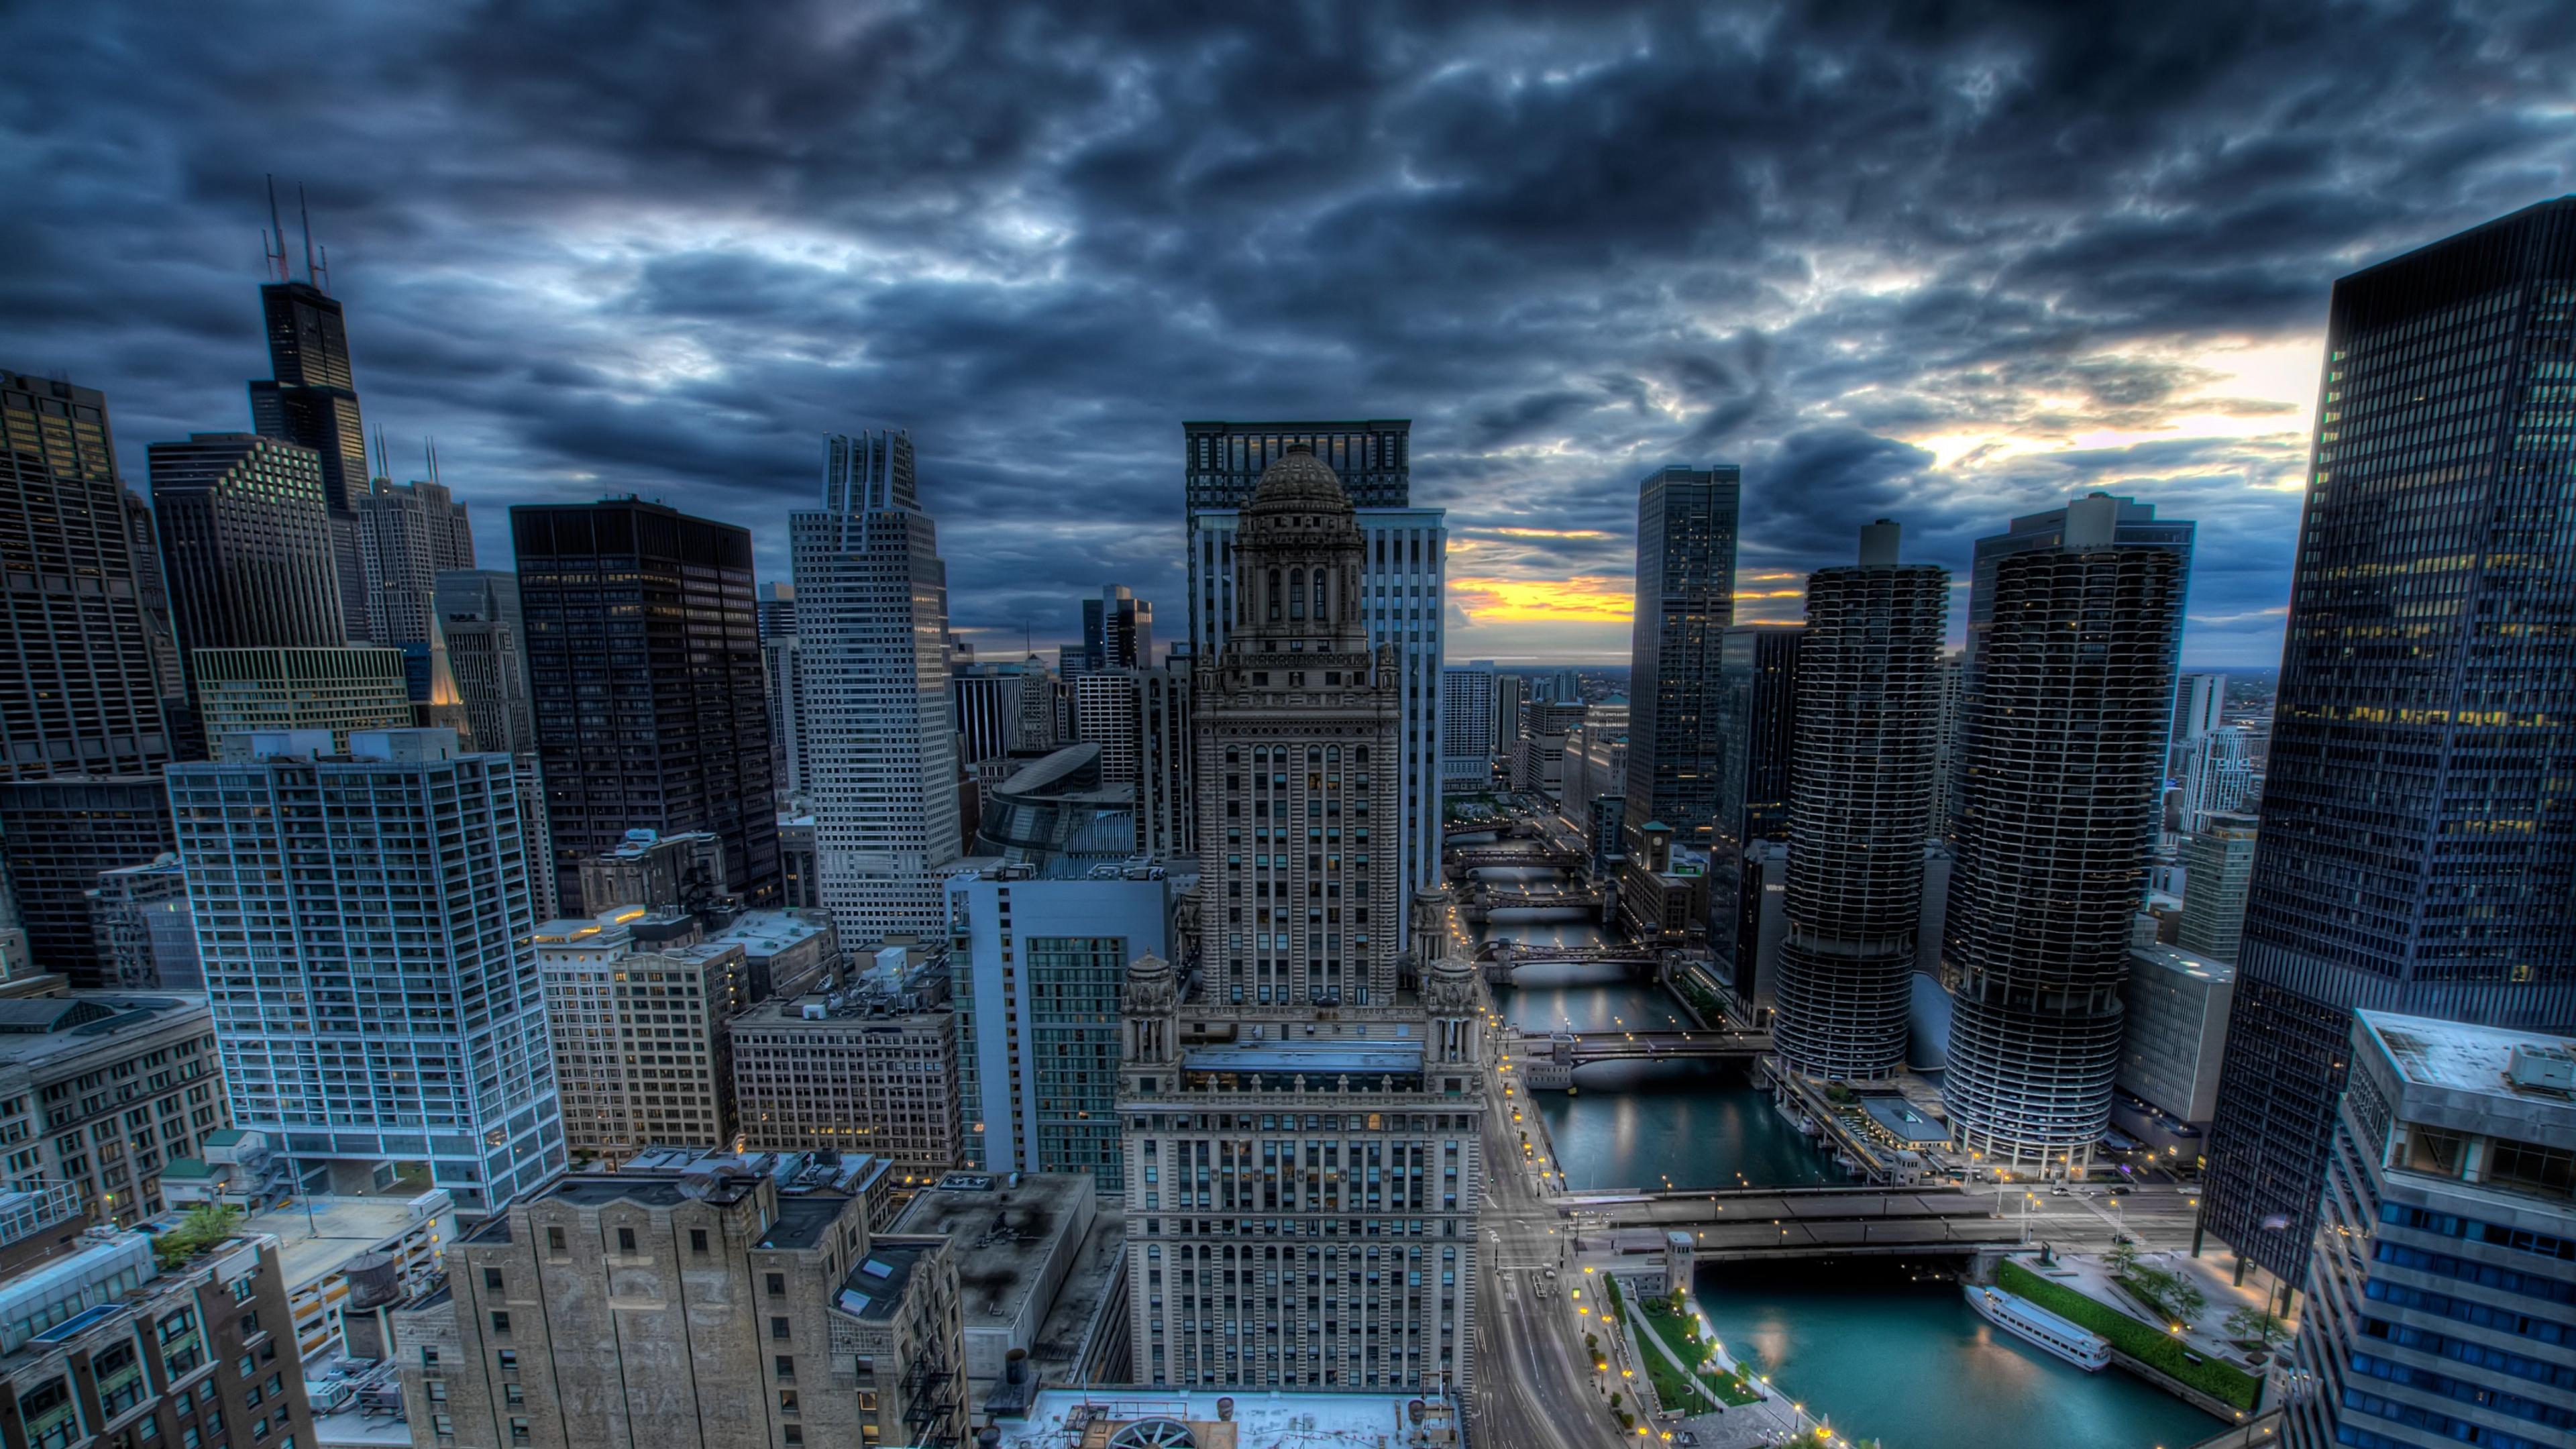 Chicago 4K Wallpaper